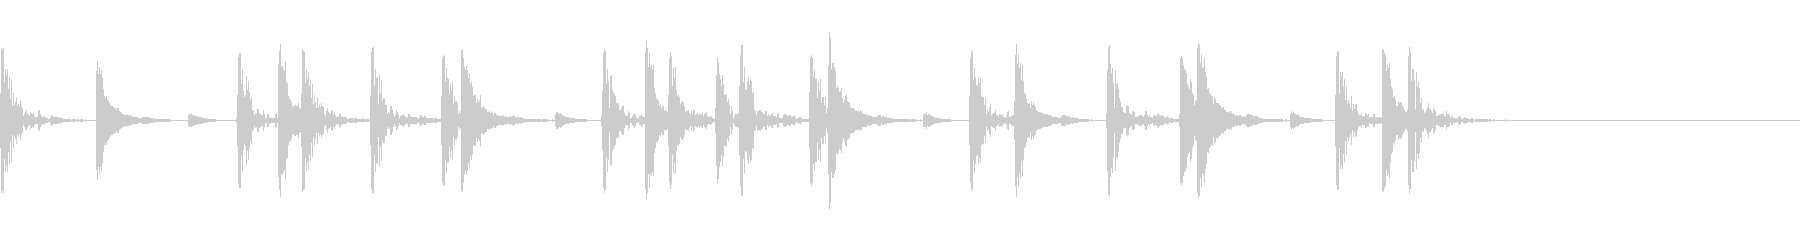 生ドラム_4小節リズムサンプリングの未再生の波形